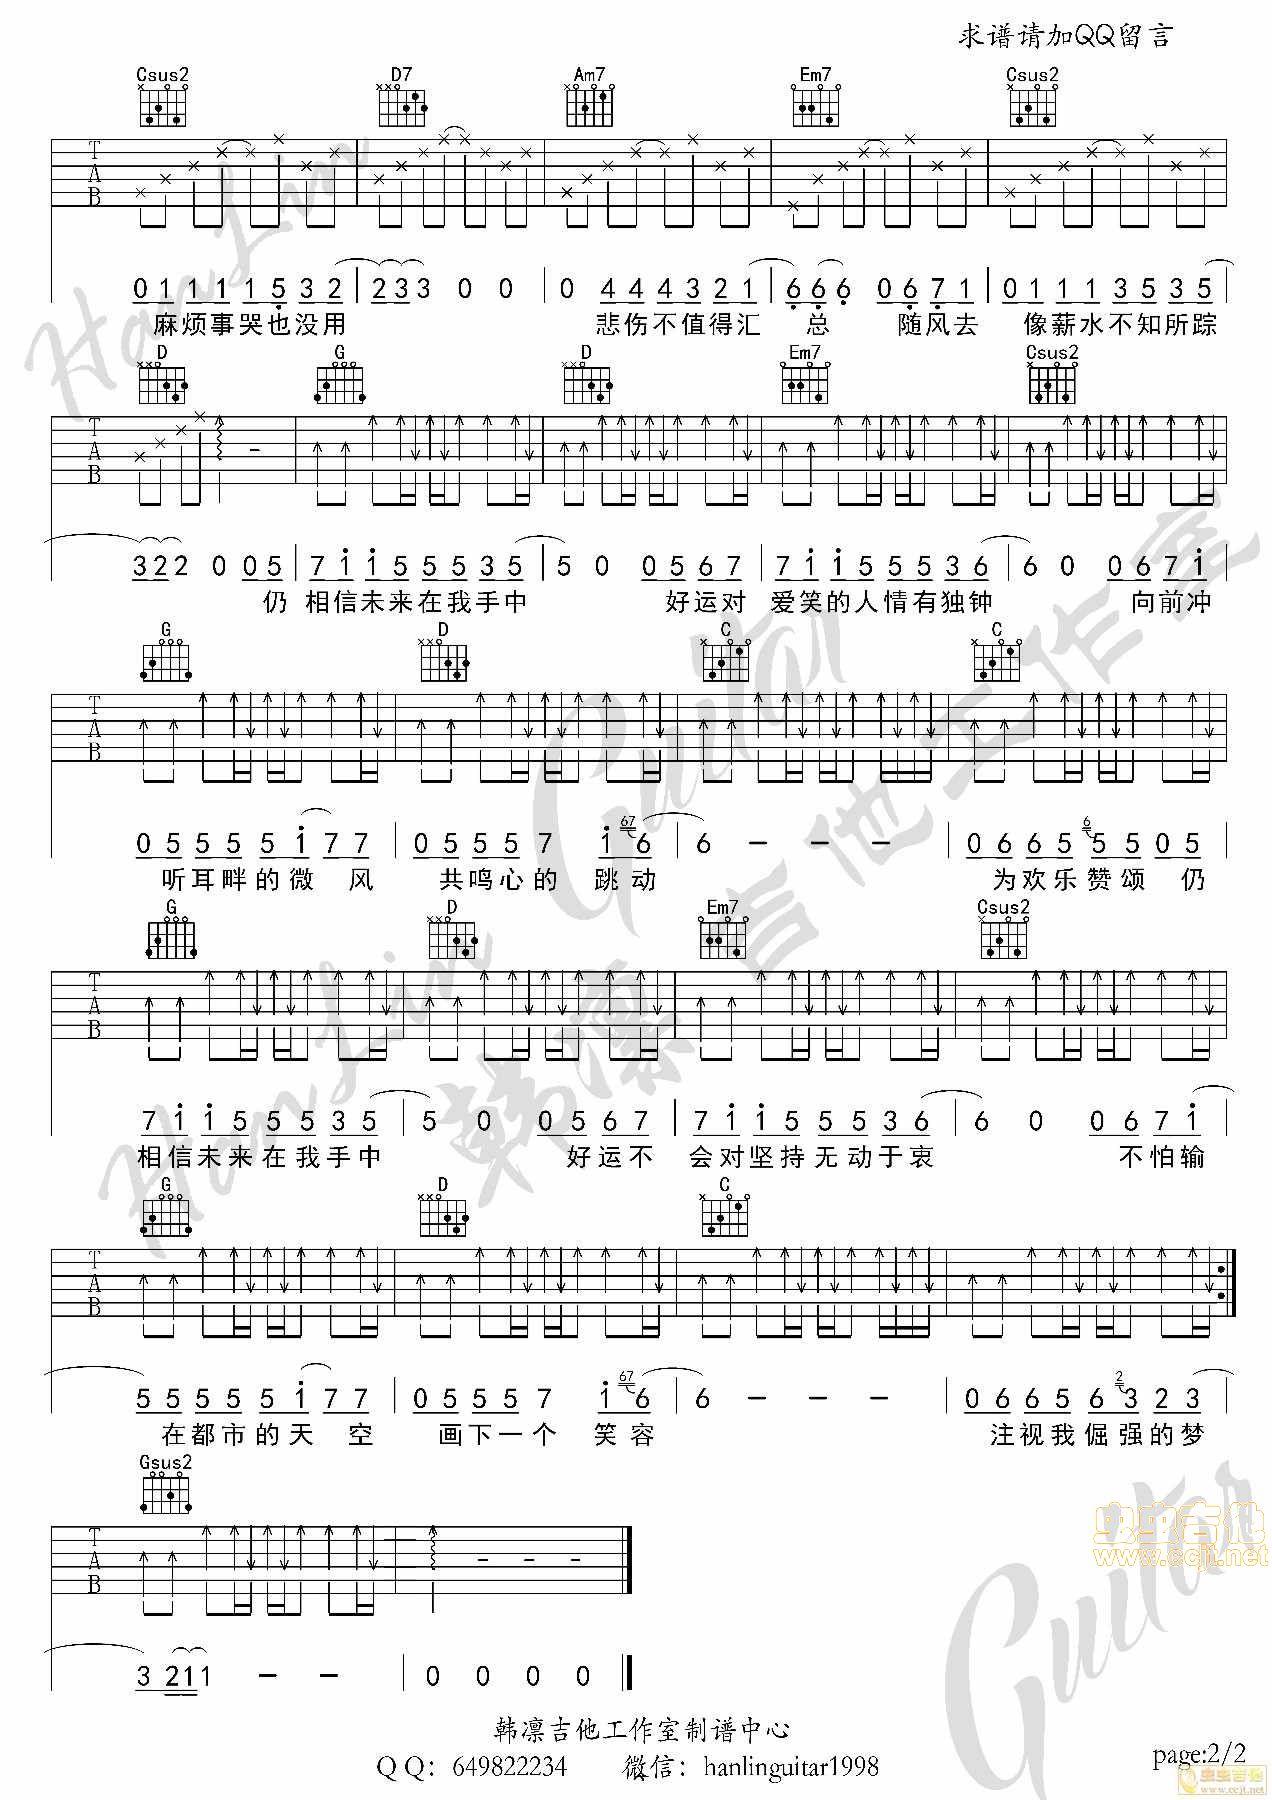 欢乐颂_吉他谱_用户传谱